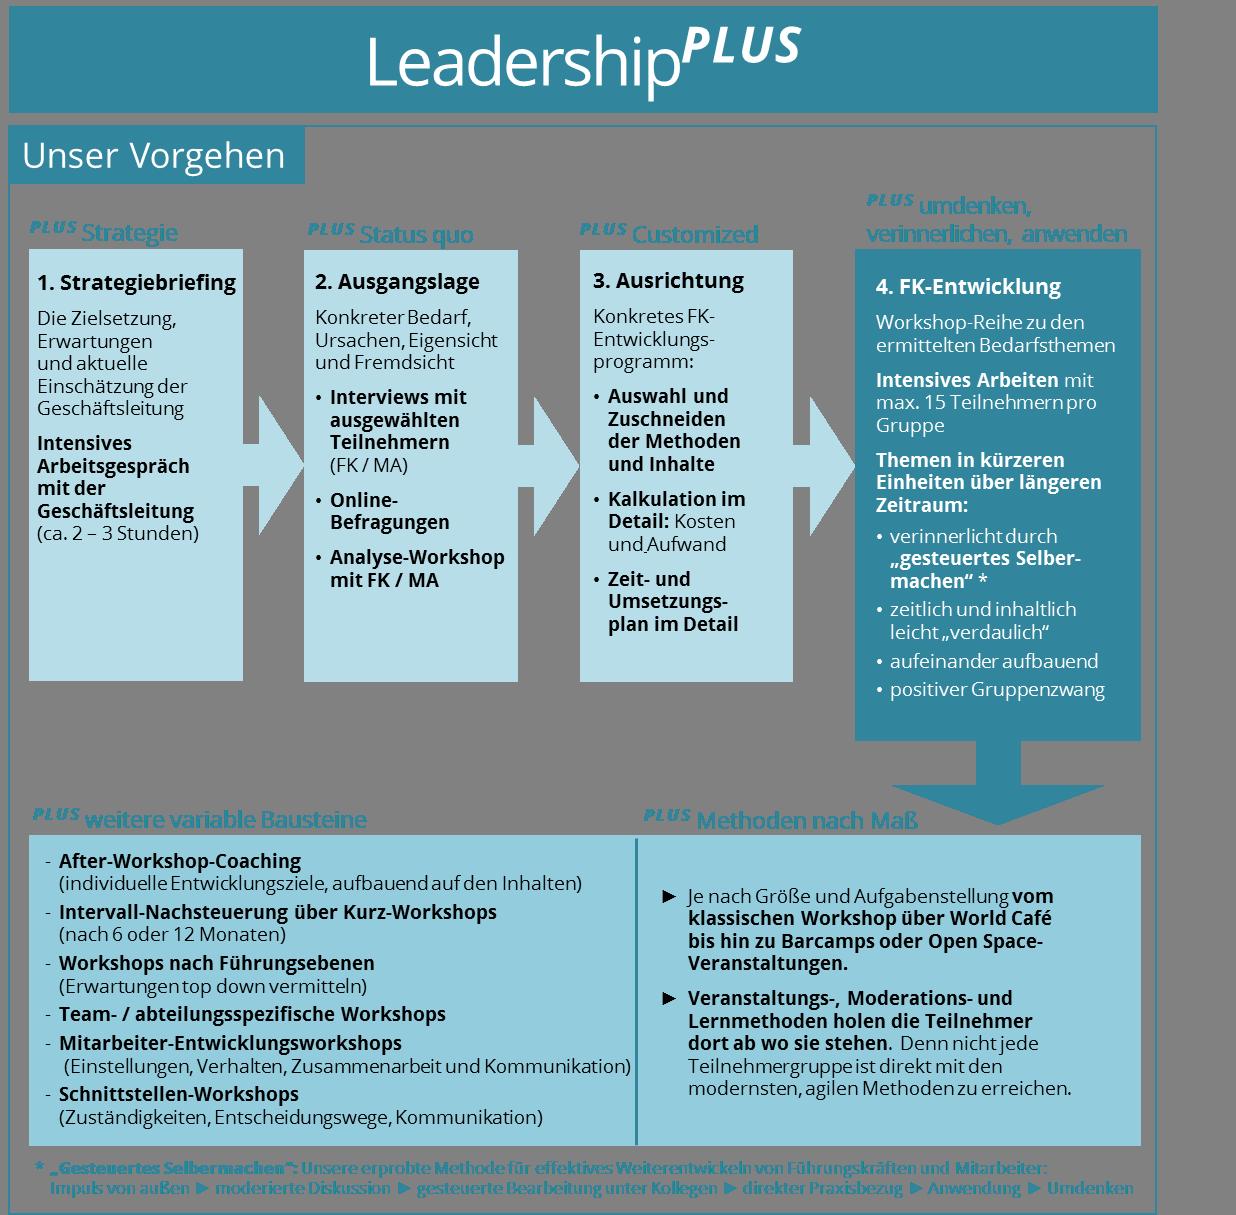 LeaderhipPLUS: Damit hält das Führungsverständnis Ihrer Führungskräfte mit Ihrer Unternehmensentwicklung Schritt.